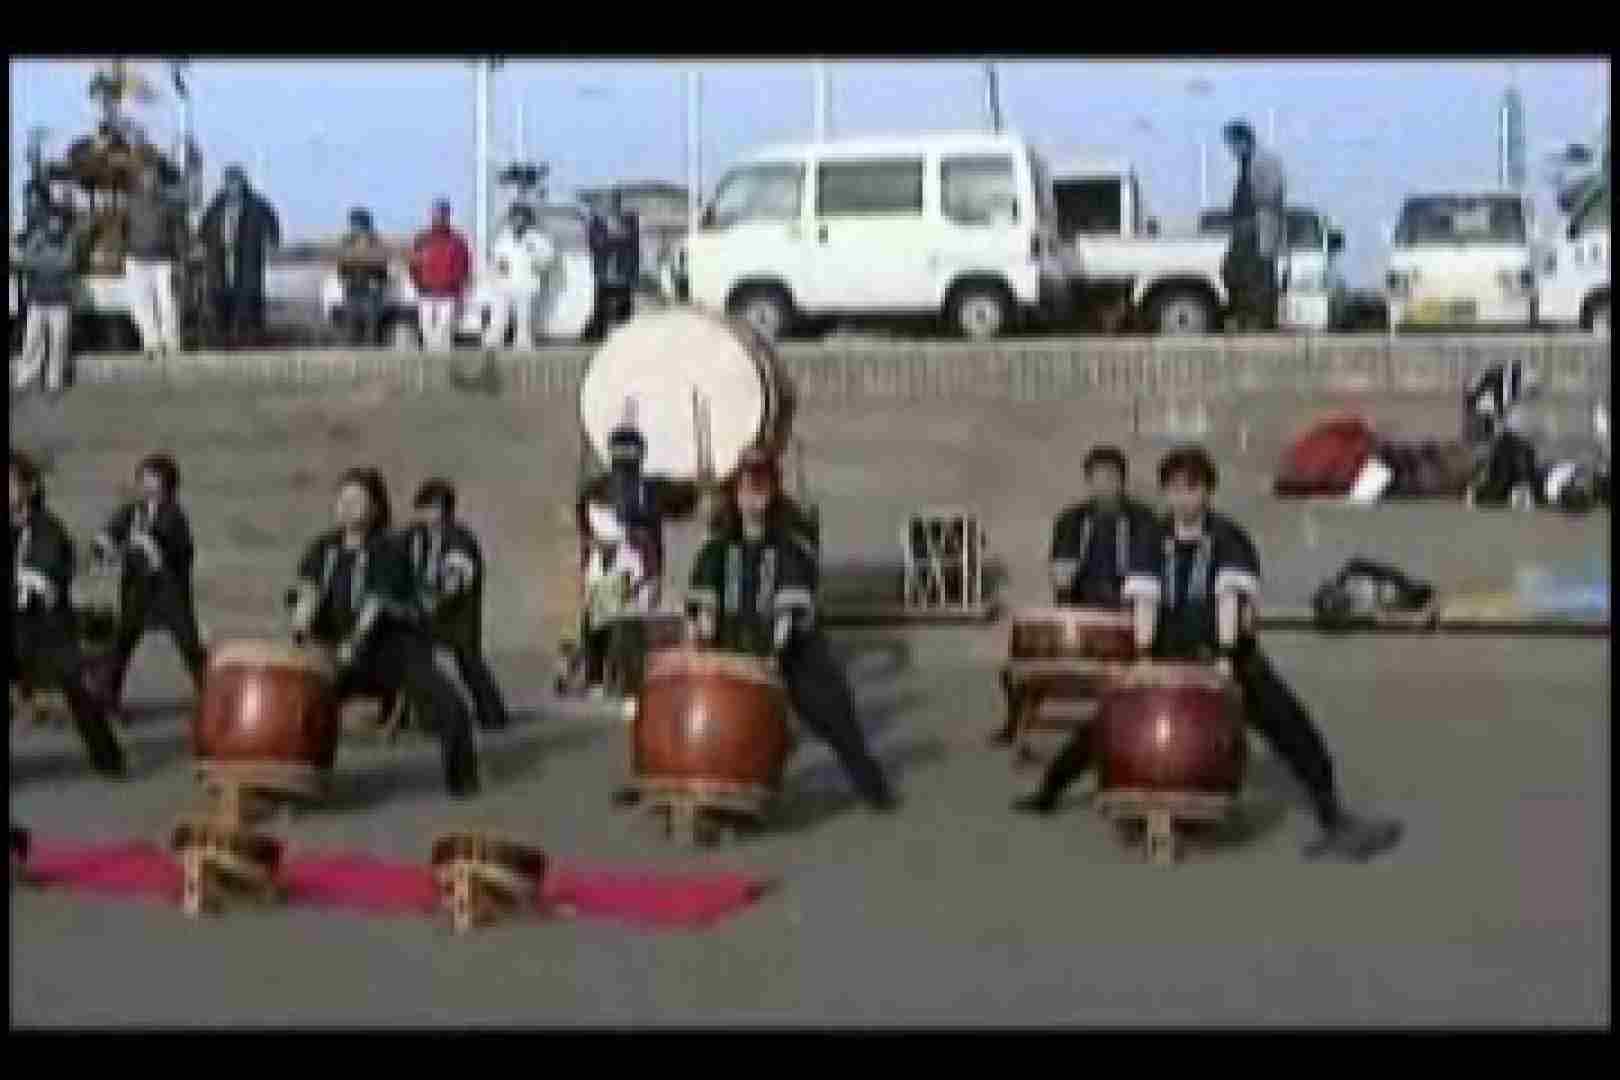 陰間茶屋 男児祭り VOL.1 野外露出 ゲイ素人エロ画像 66枚 28